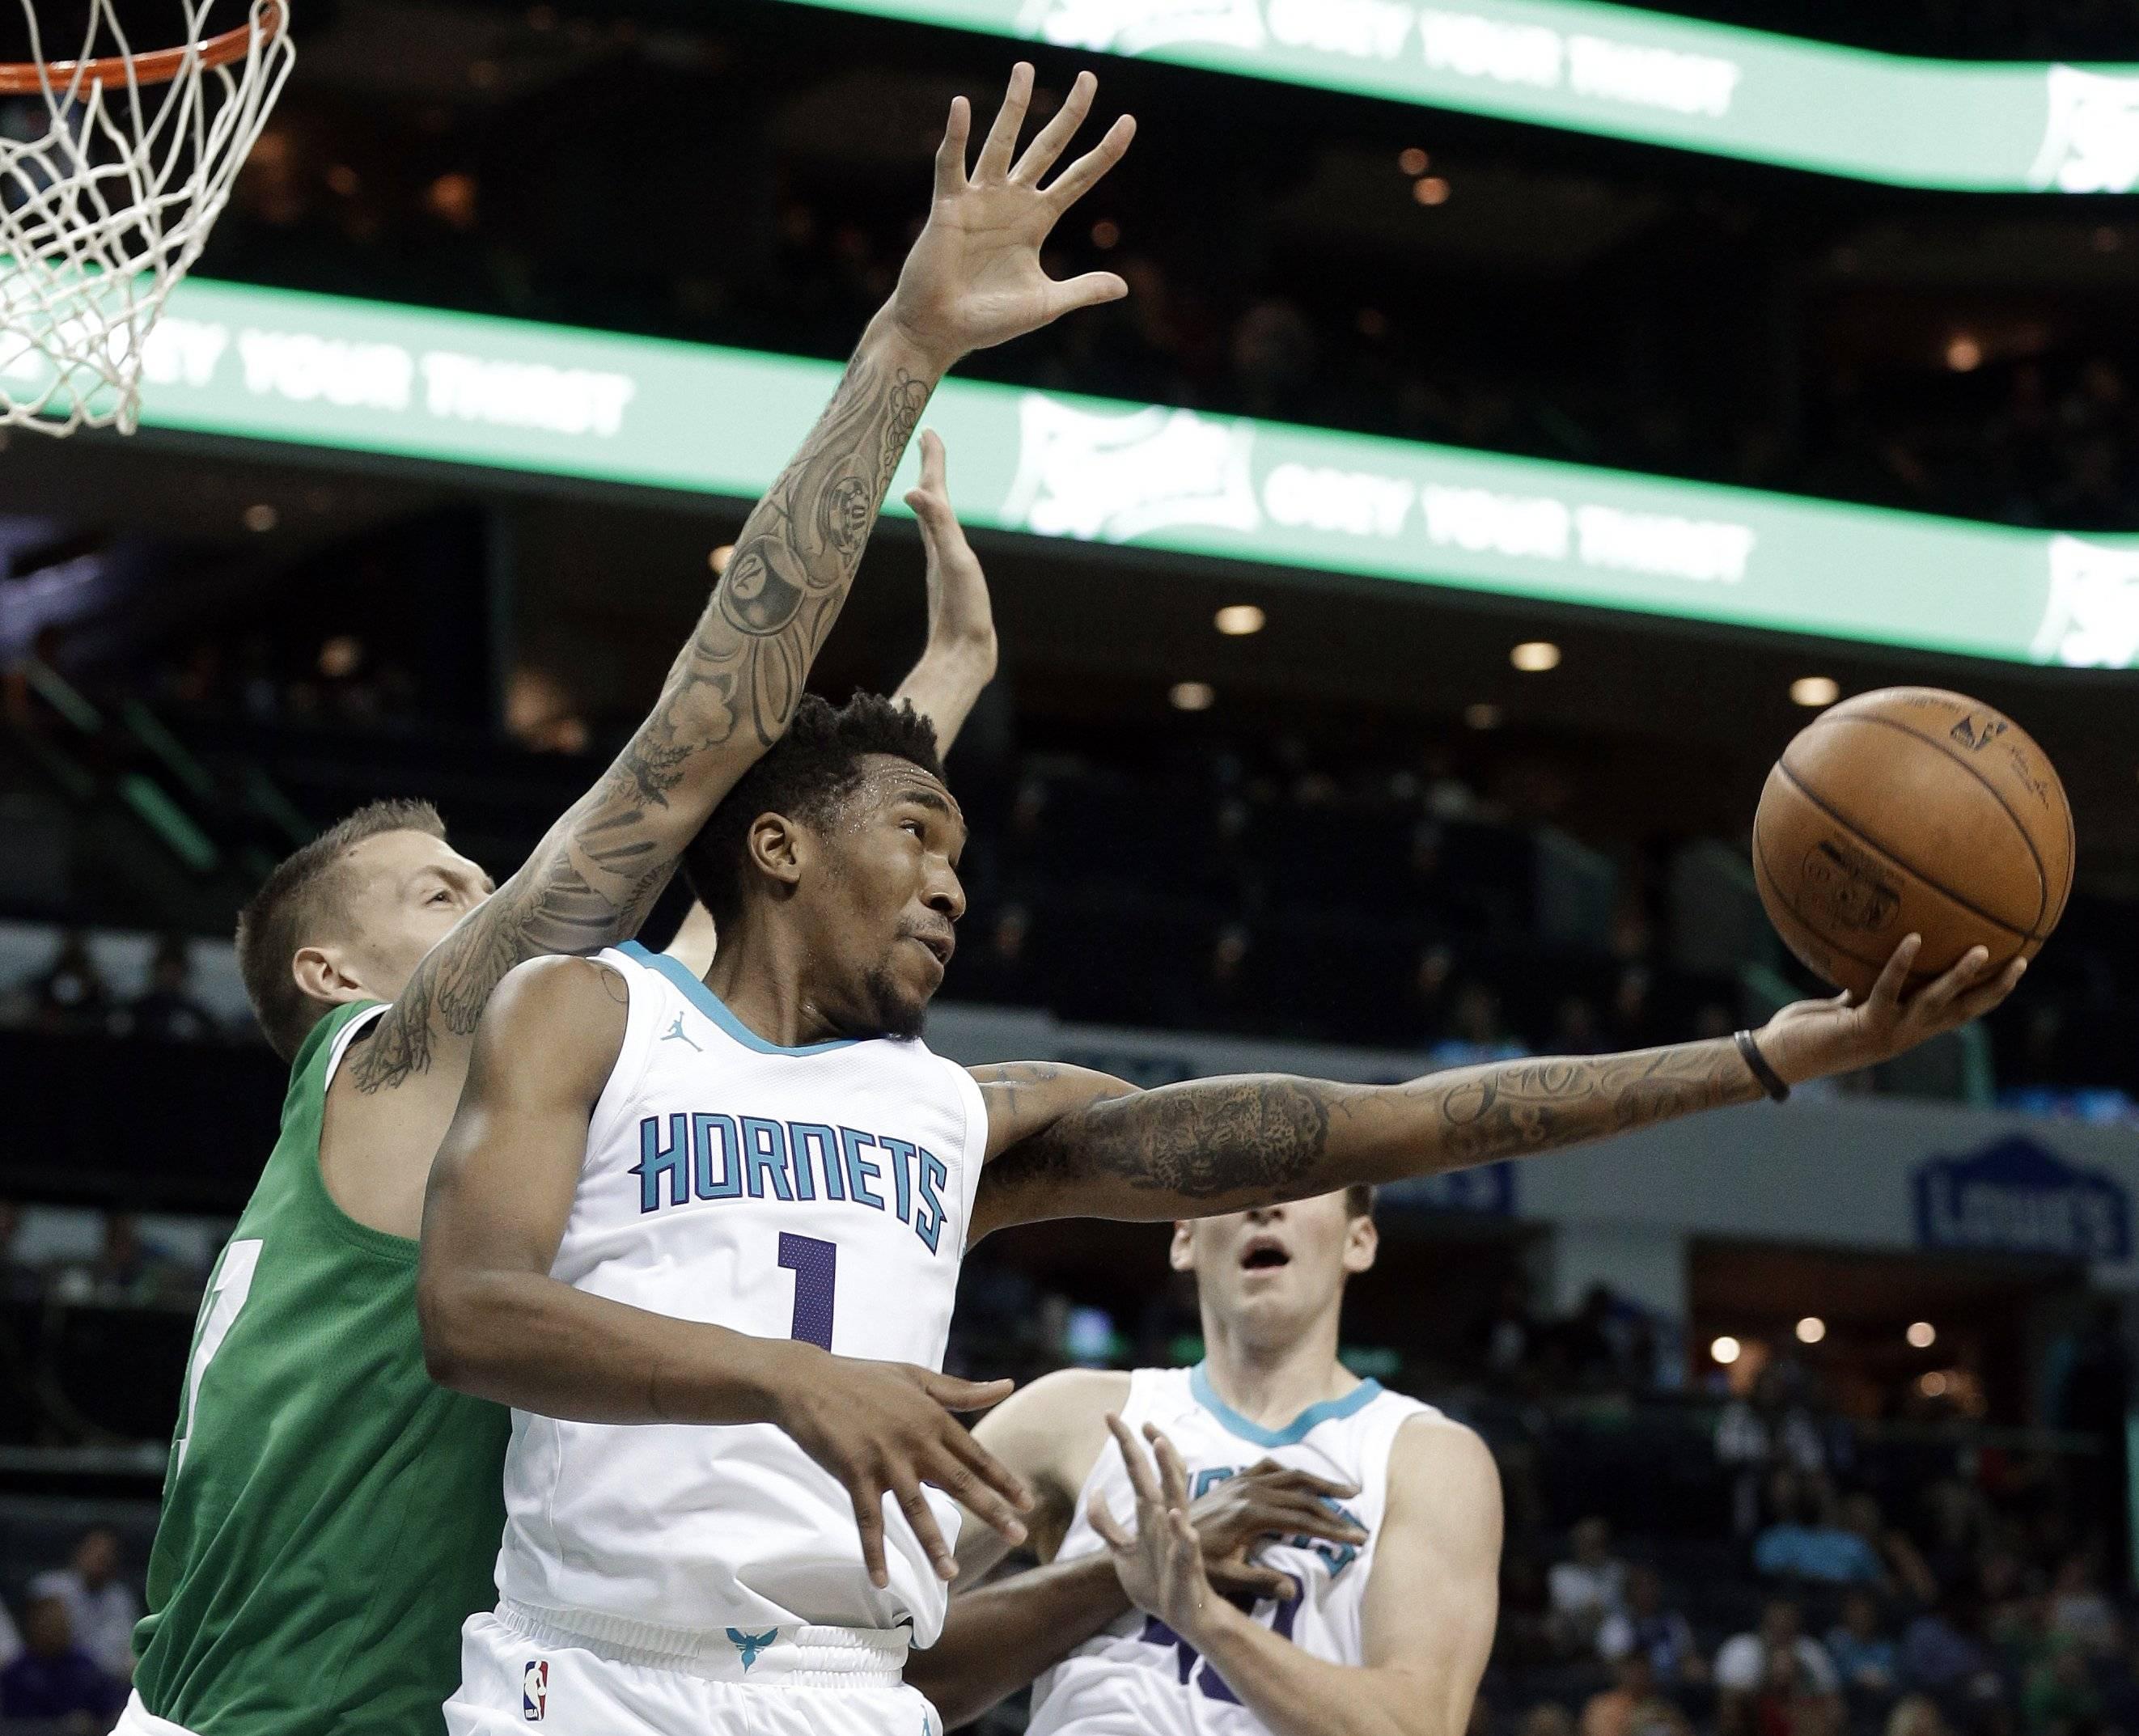 La NBA estrena cambios para acelerar la acción